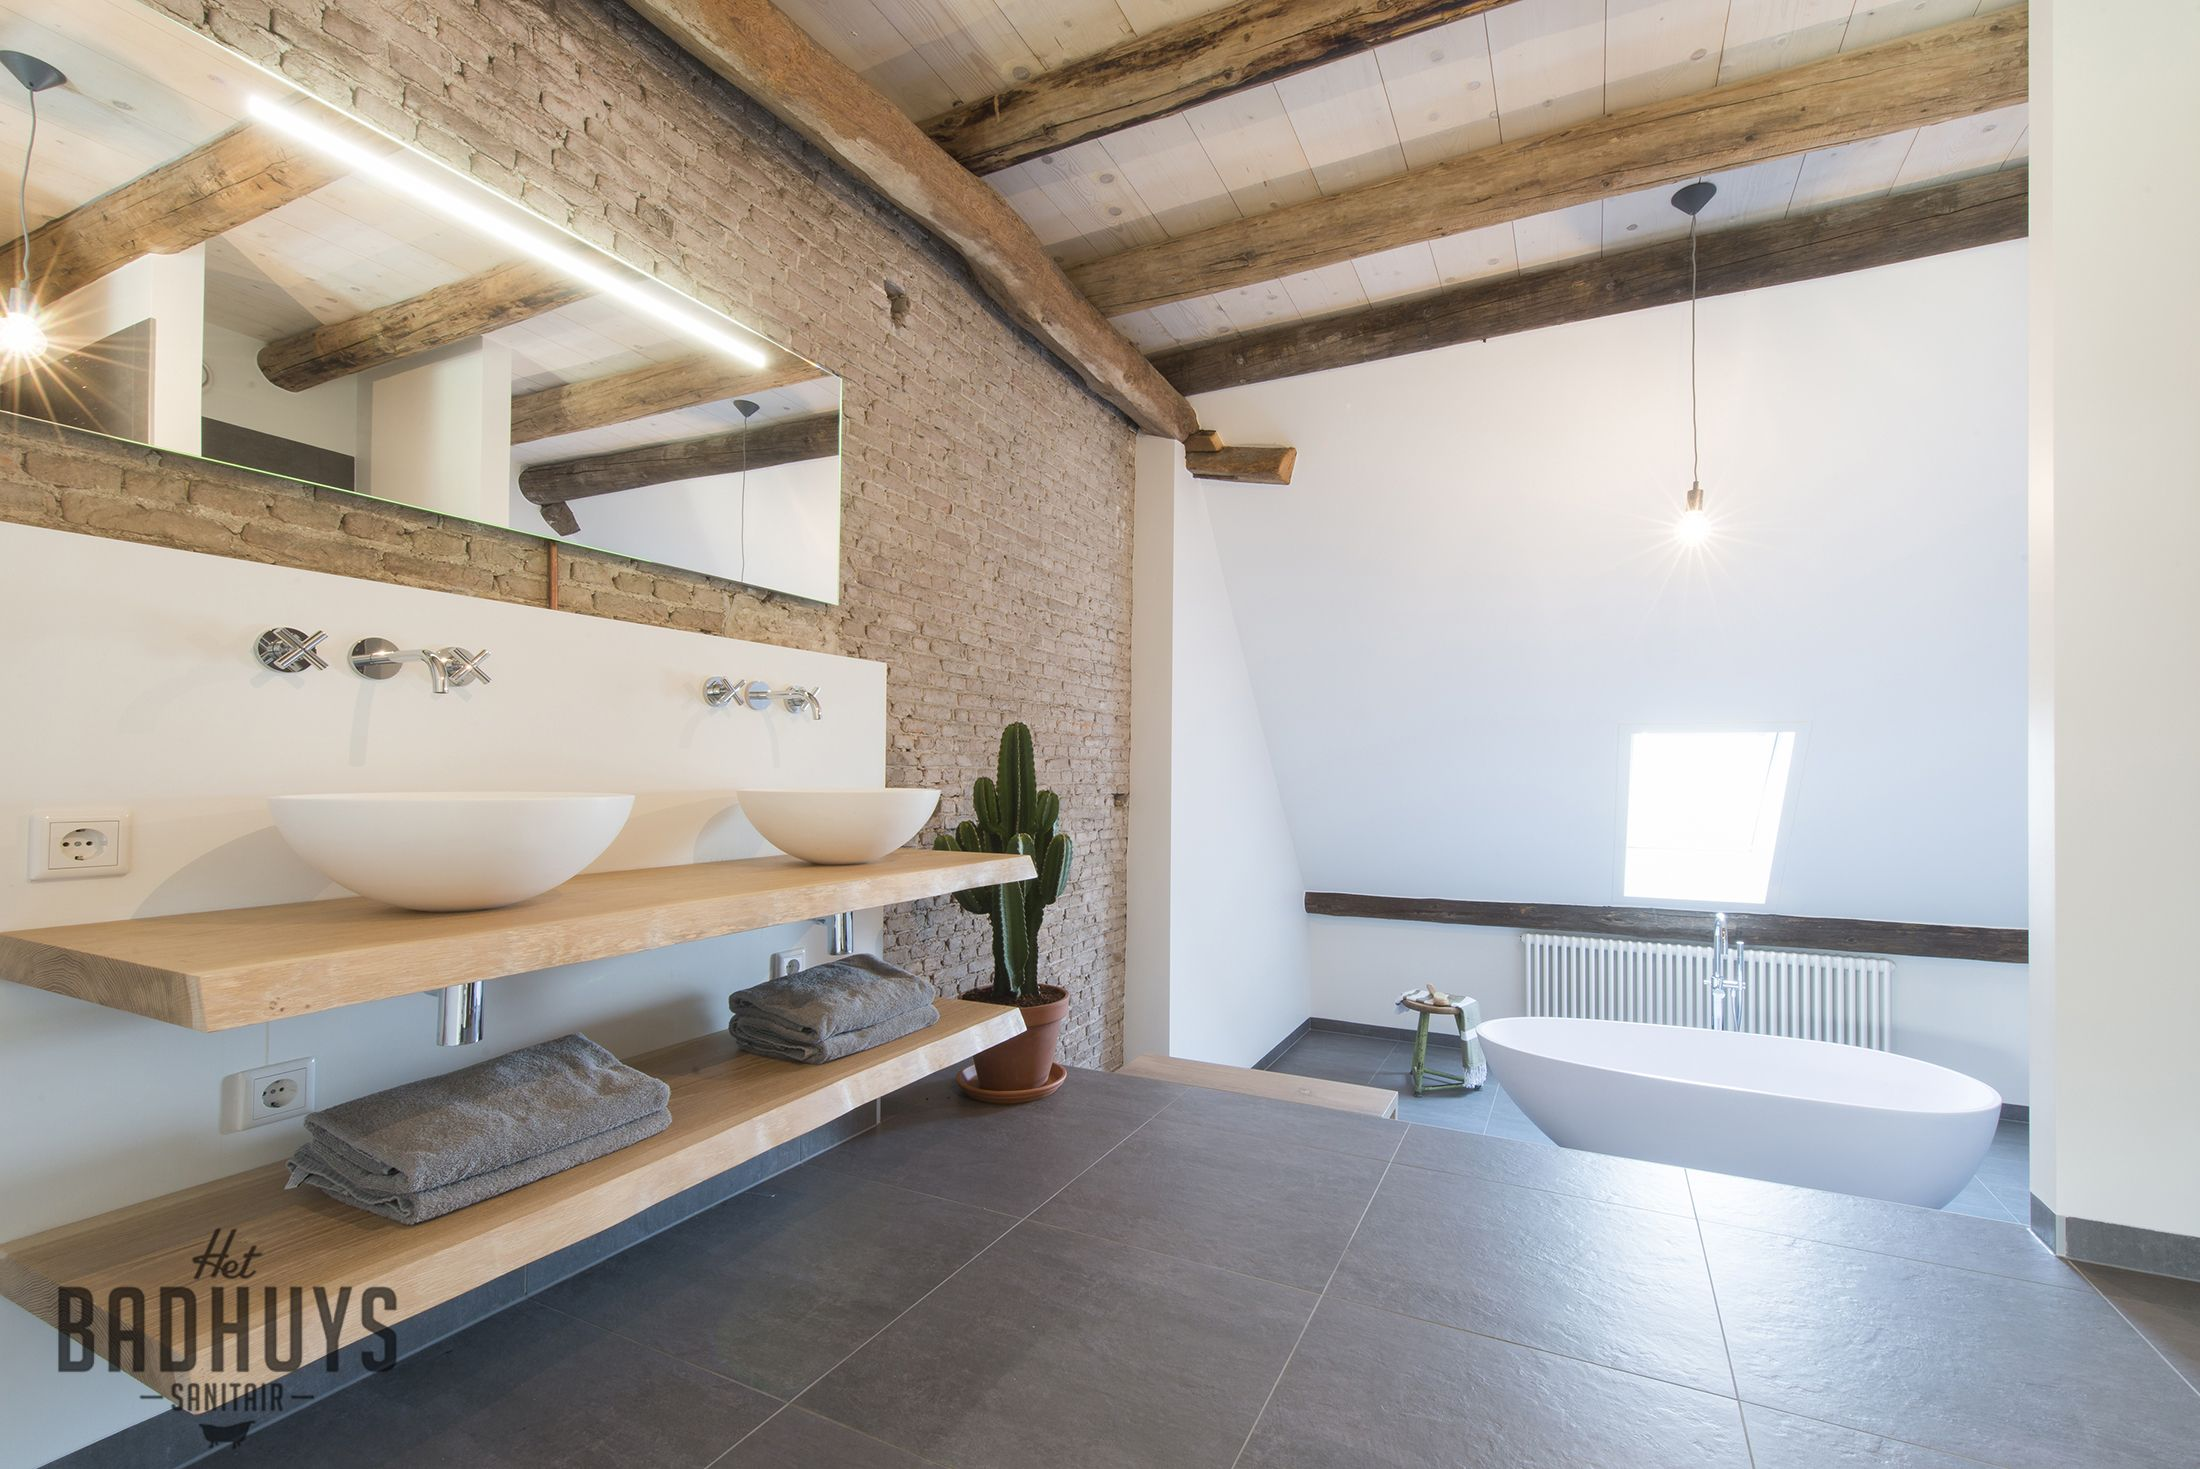 Eigentijdse badkamer met badmeubel gemaakt van ruwe eiken planken en